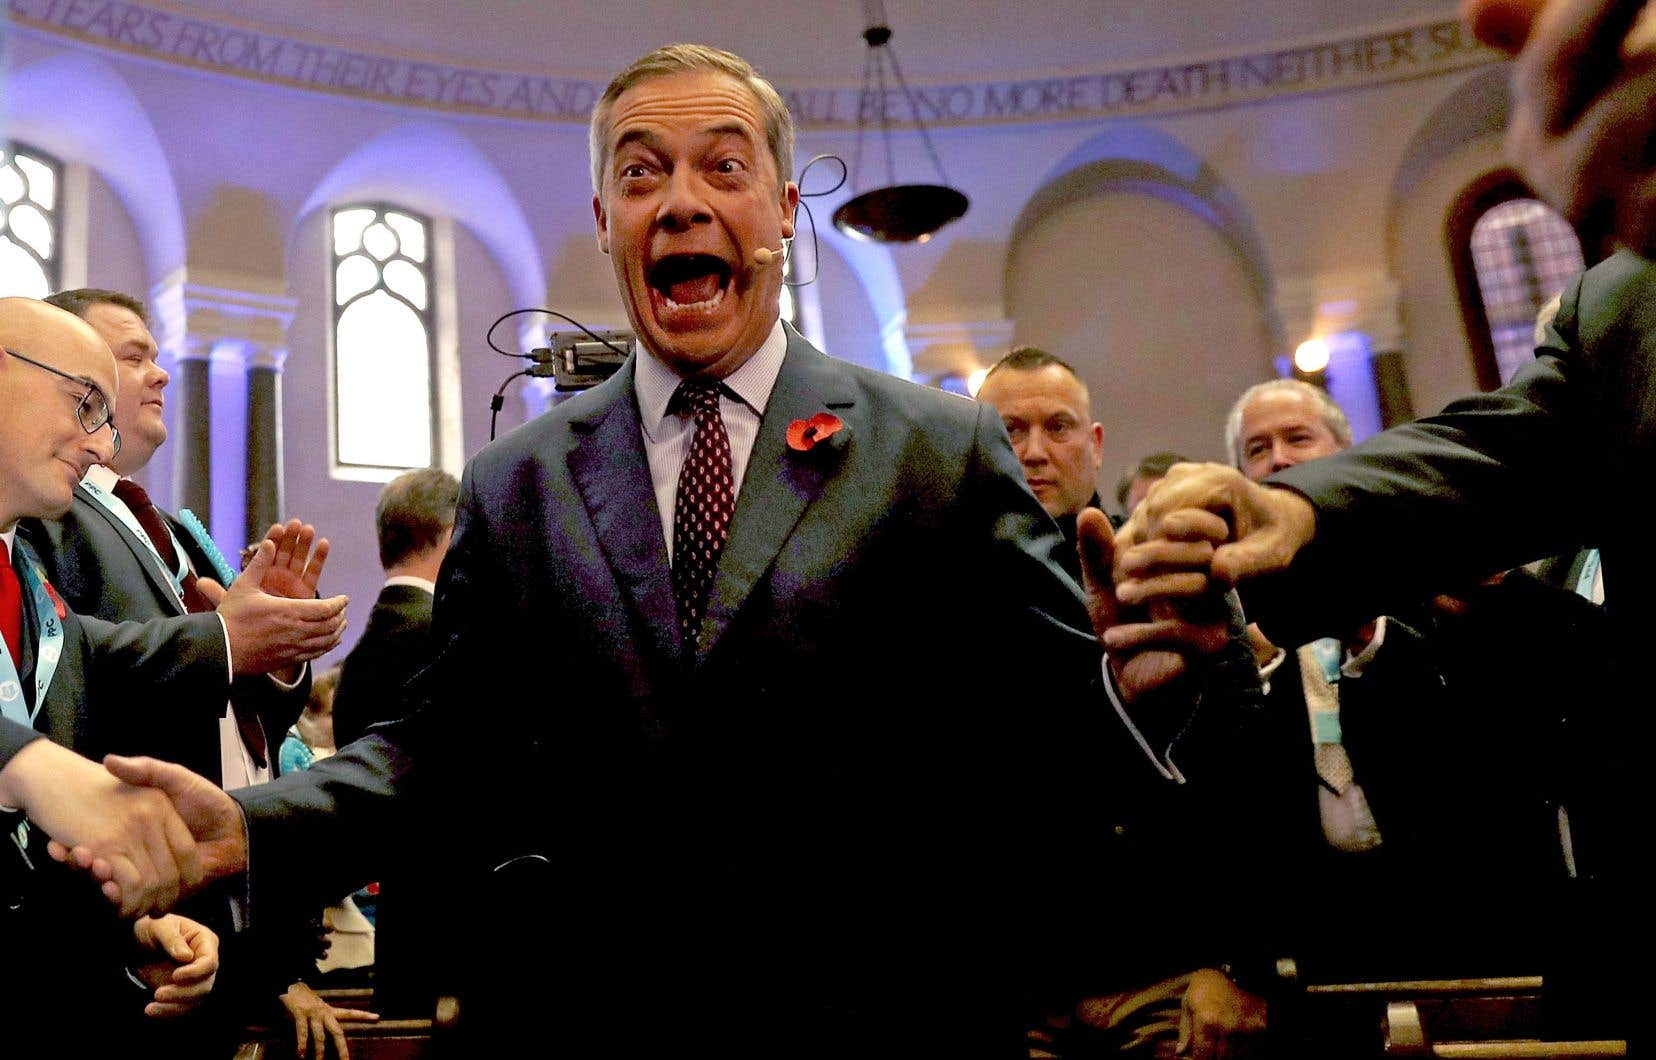 Le chef du Parti du Brexit, Nigel Farage, a été accueilli par des partisans enthousiastes lors d'une réunion d'investiture, lundi, à Londres.